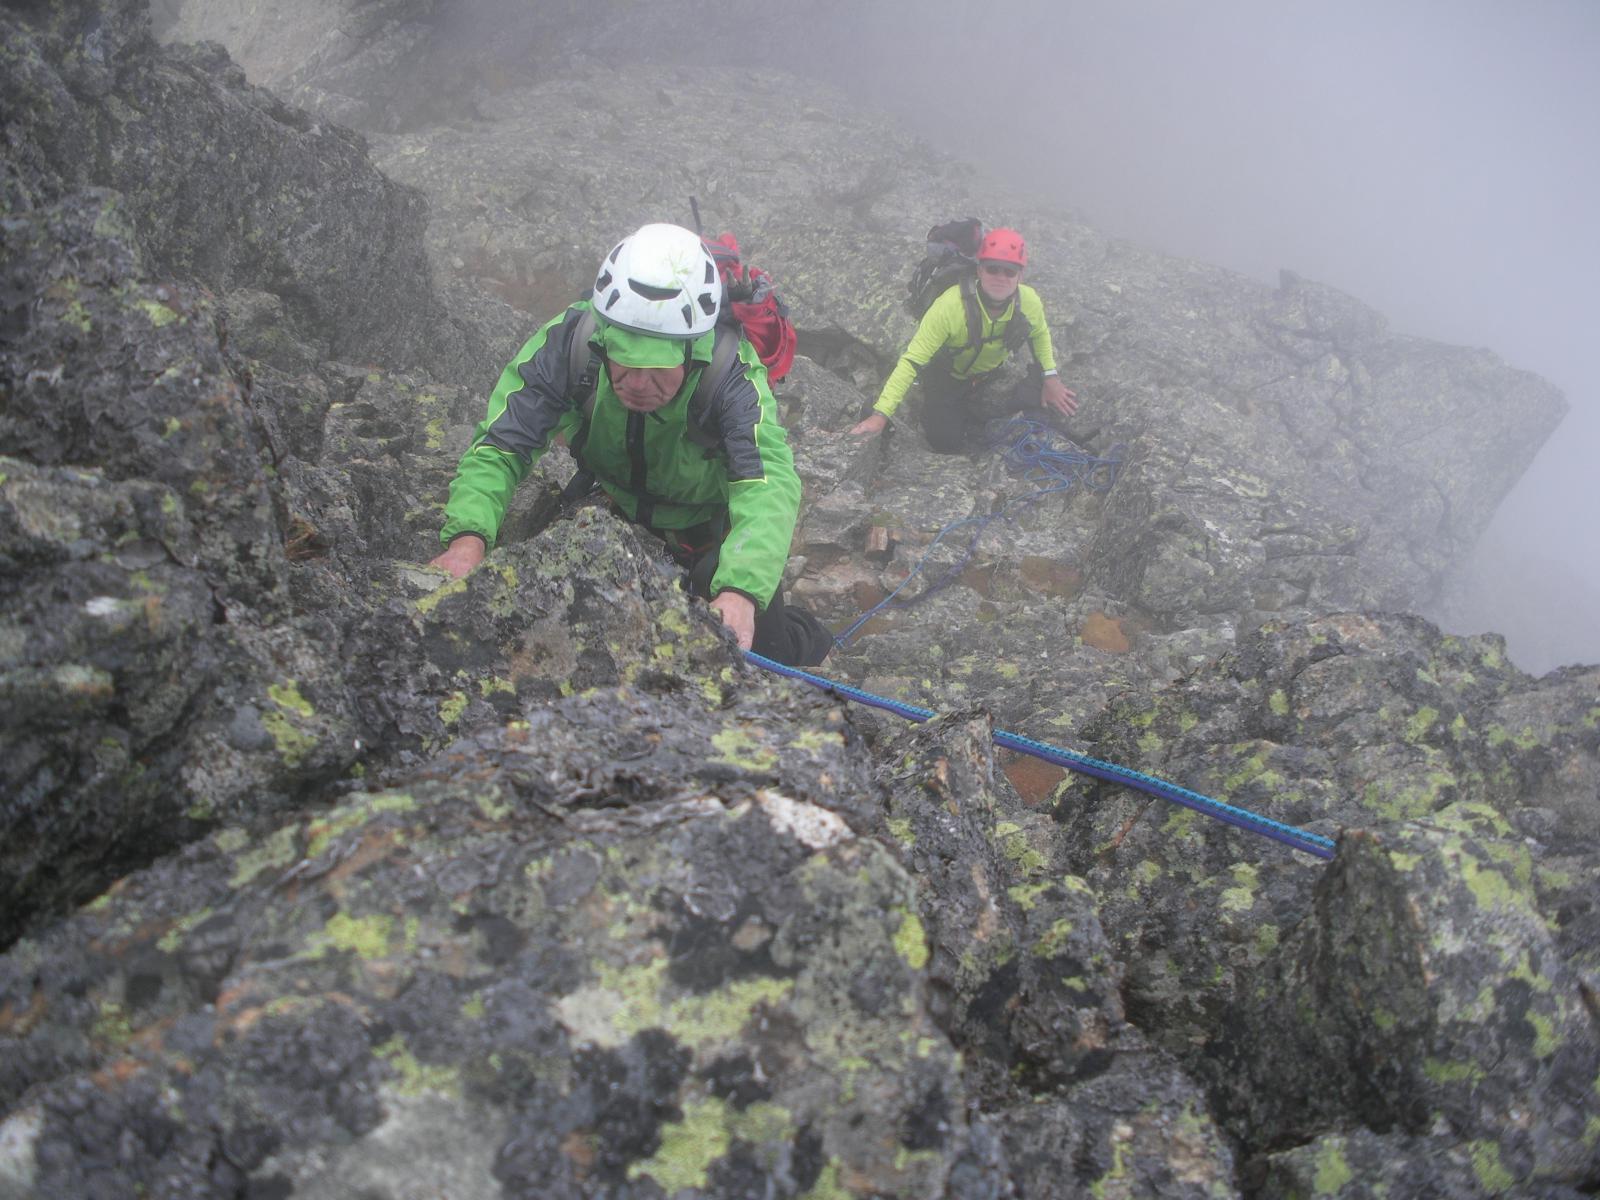 facile ma su roccia viscida e lichenosa..